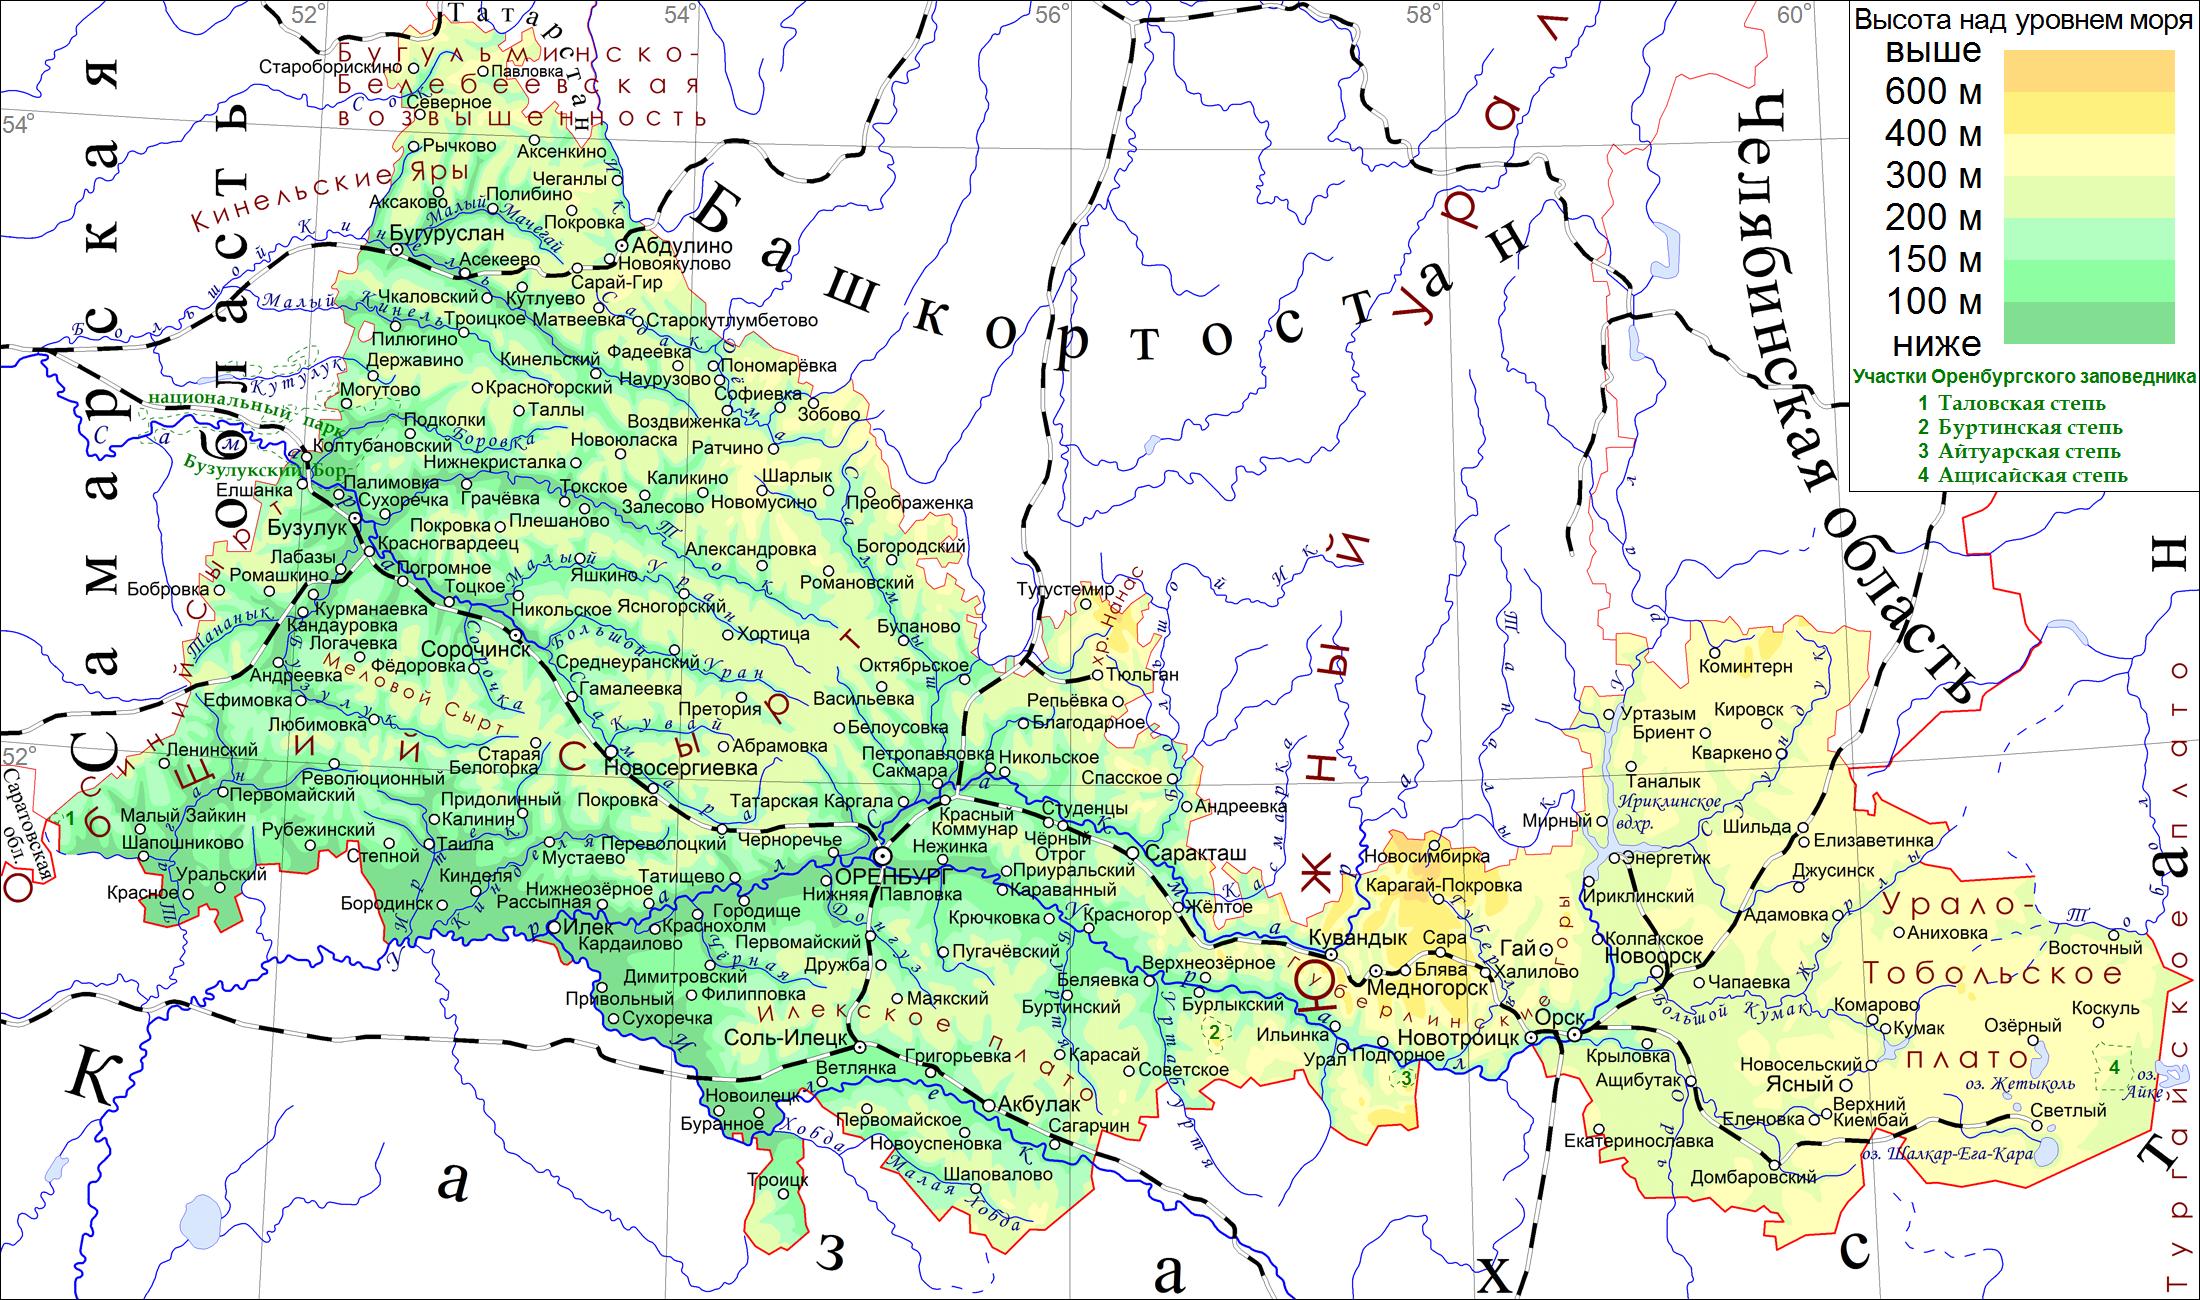 Гдз по географии оренбургской области